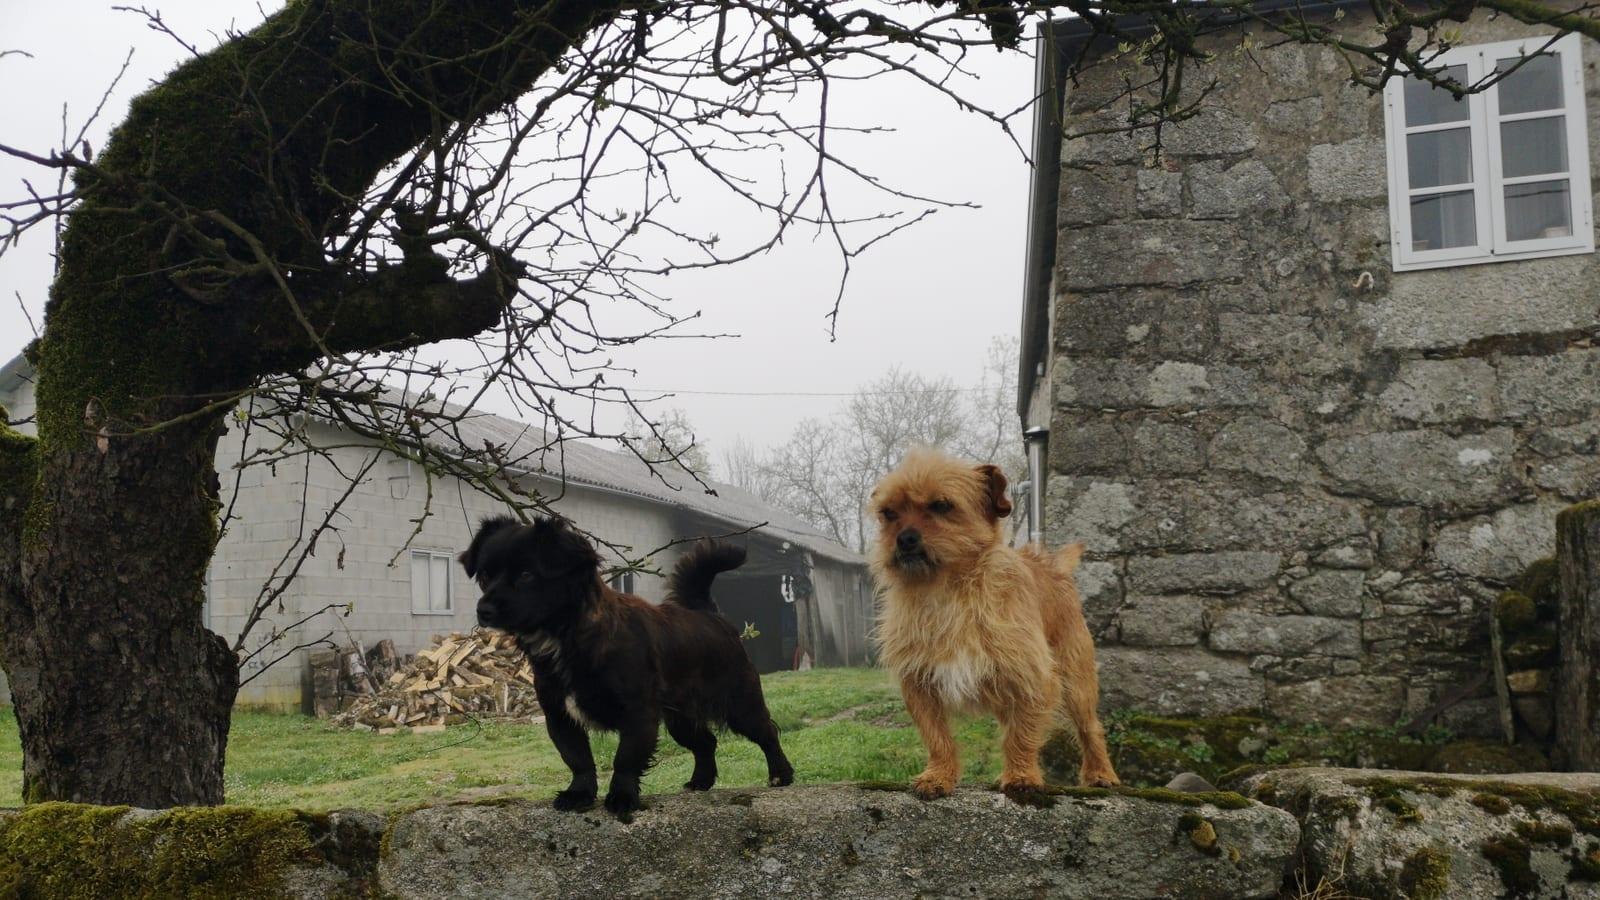 Heute kommen wir an den berühmten Camino-Hunden vorbei.